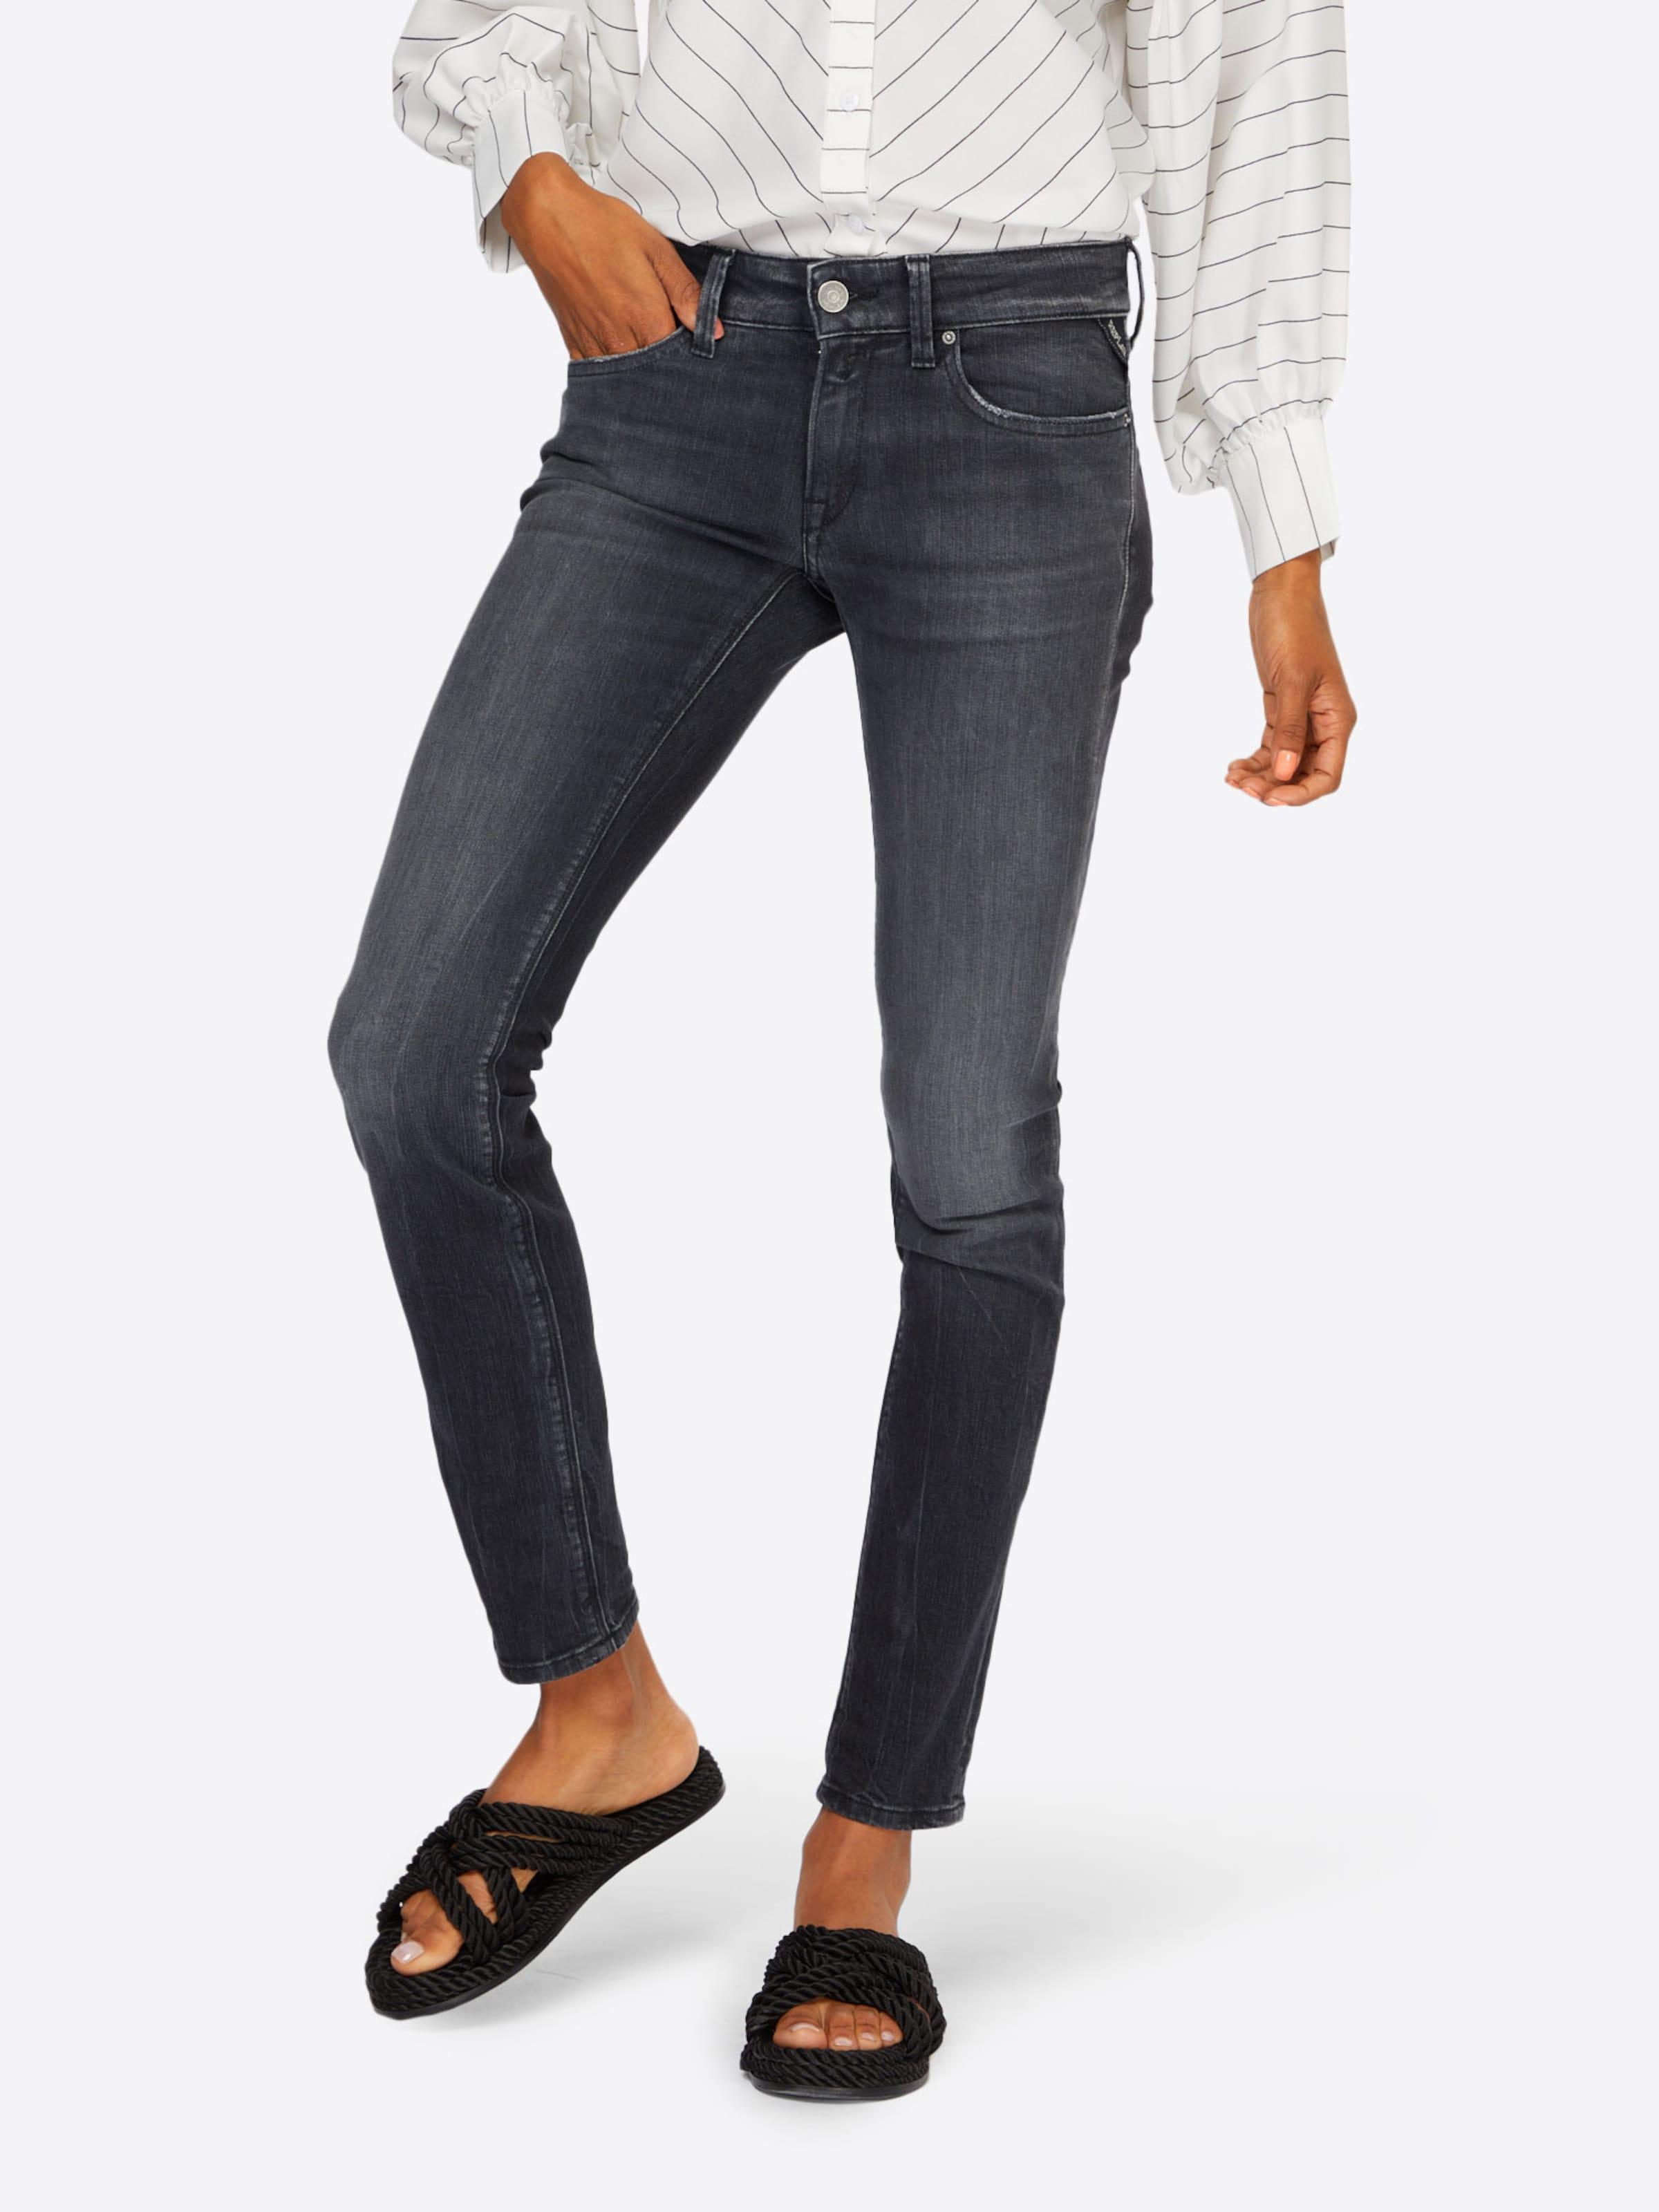 Jeans Denim In Replay 'luz' Grey hrQdsCxt